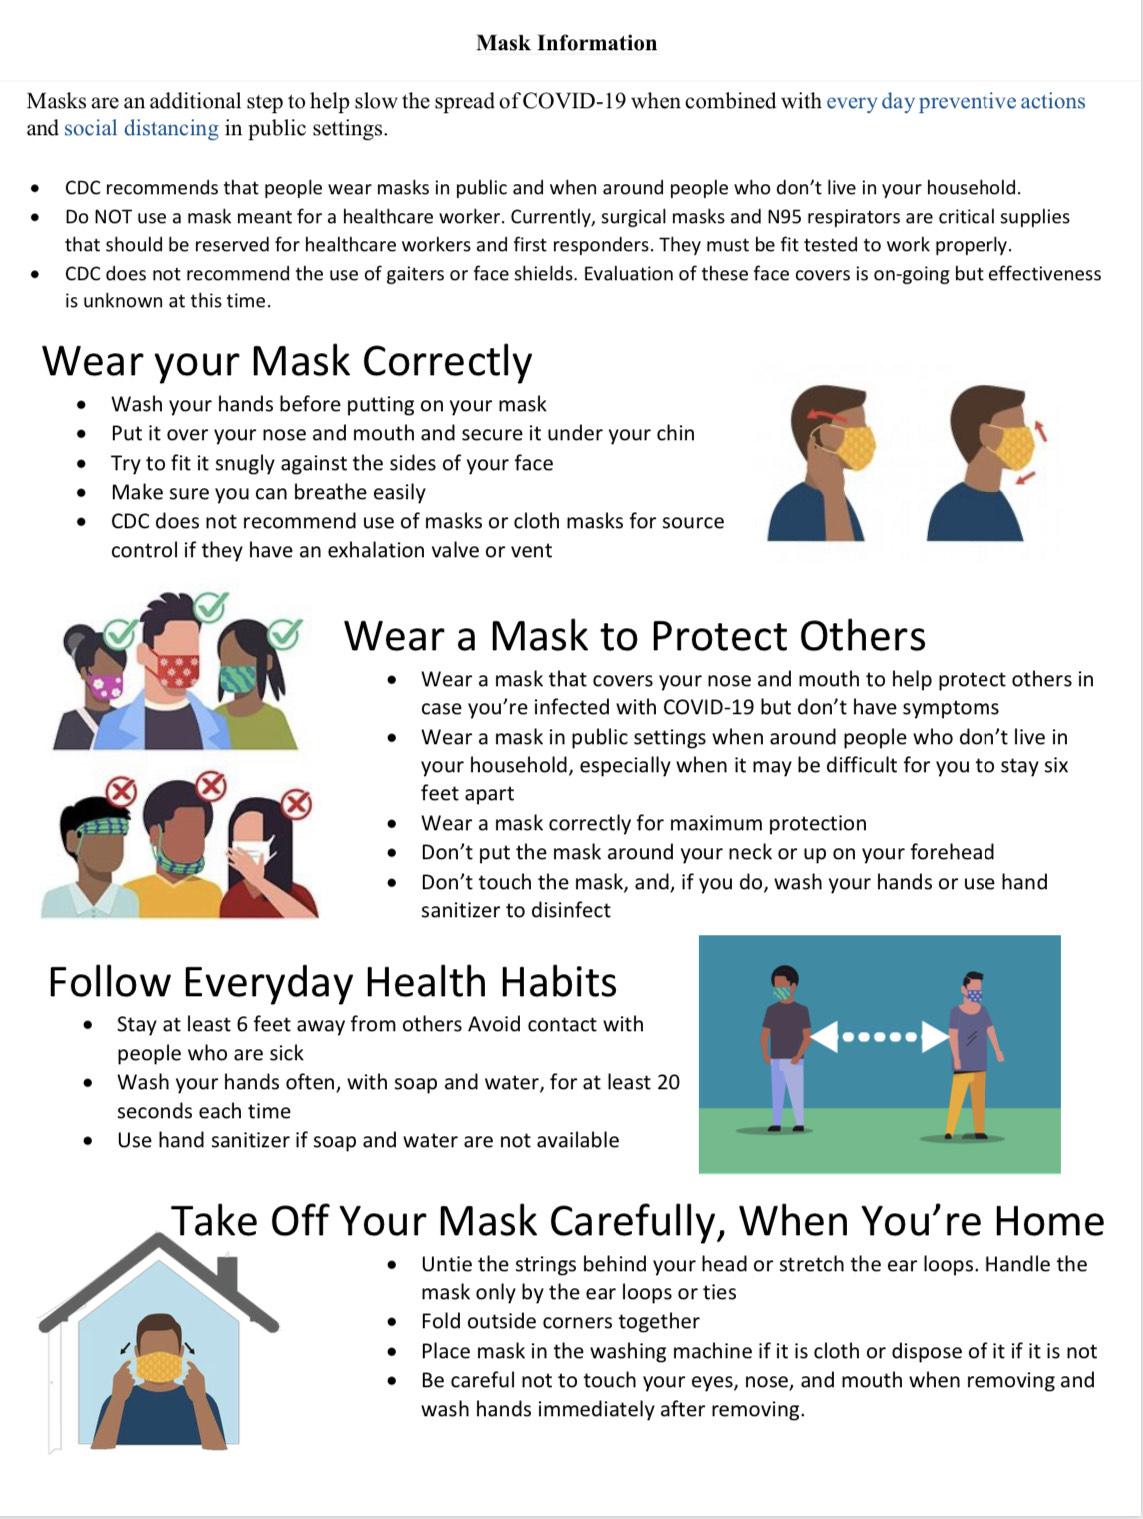 Mask Information Image